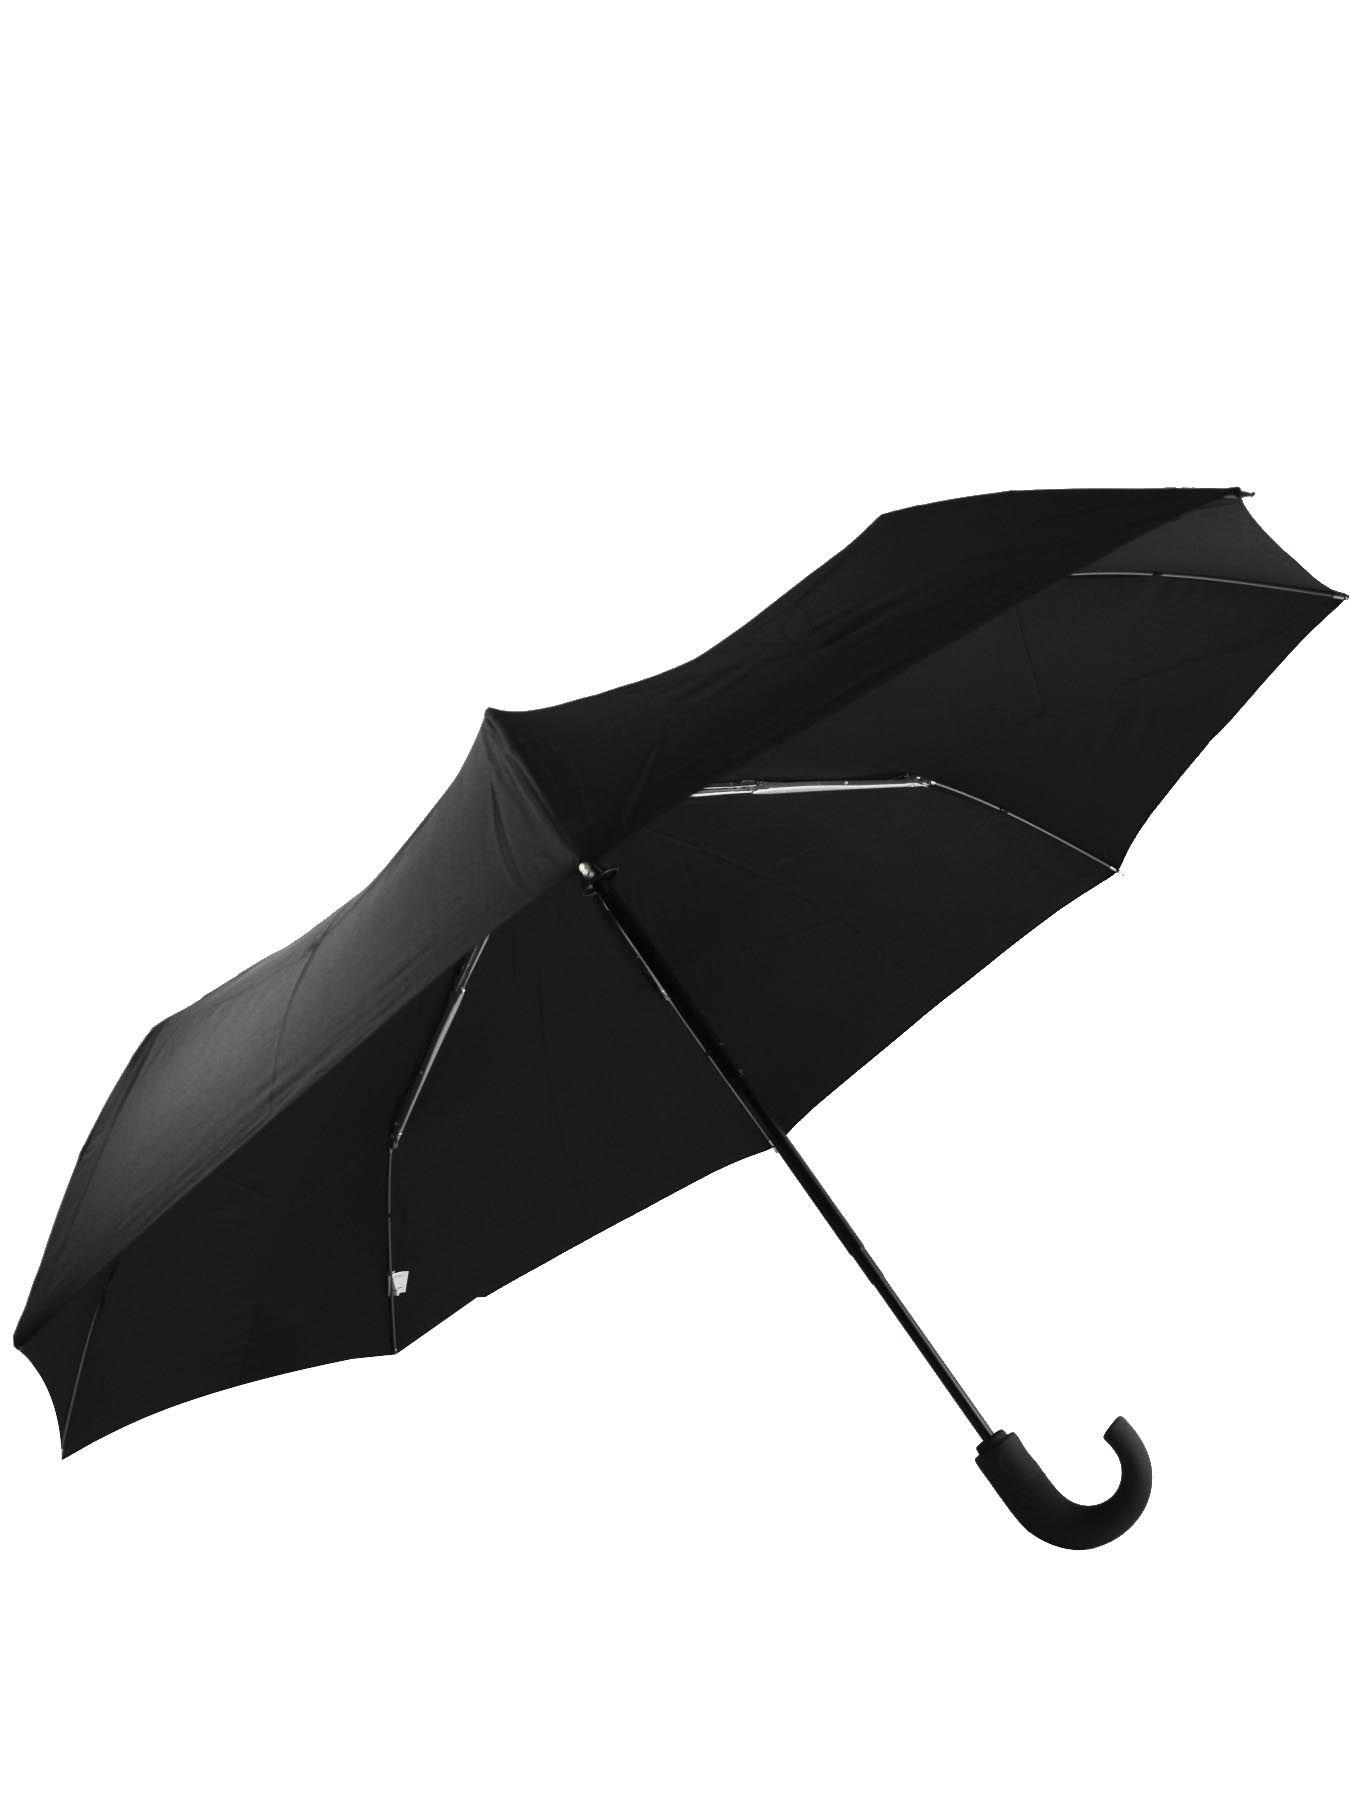 parapluie isotoner homme noir uni en vente au meilleur prix. Black Bedroom Furniture Sets. Home Design Ideas